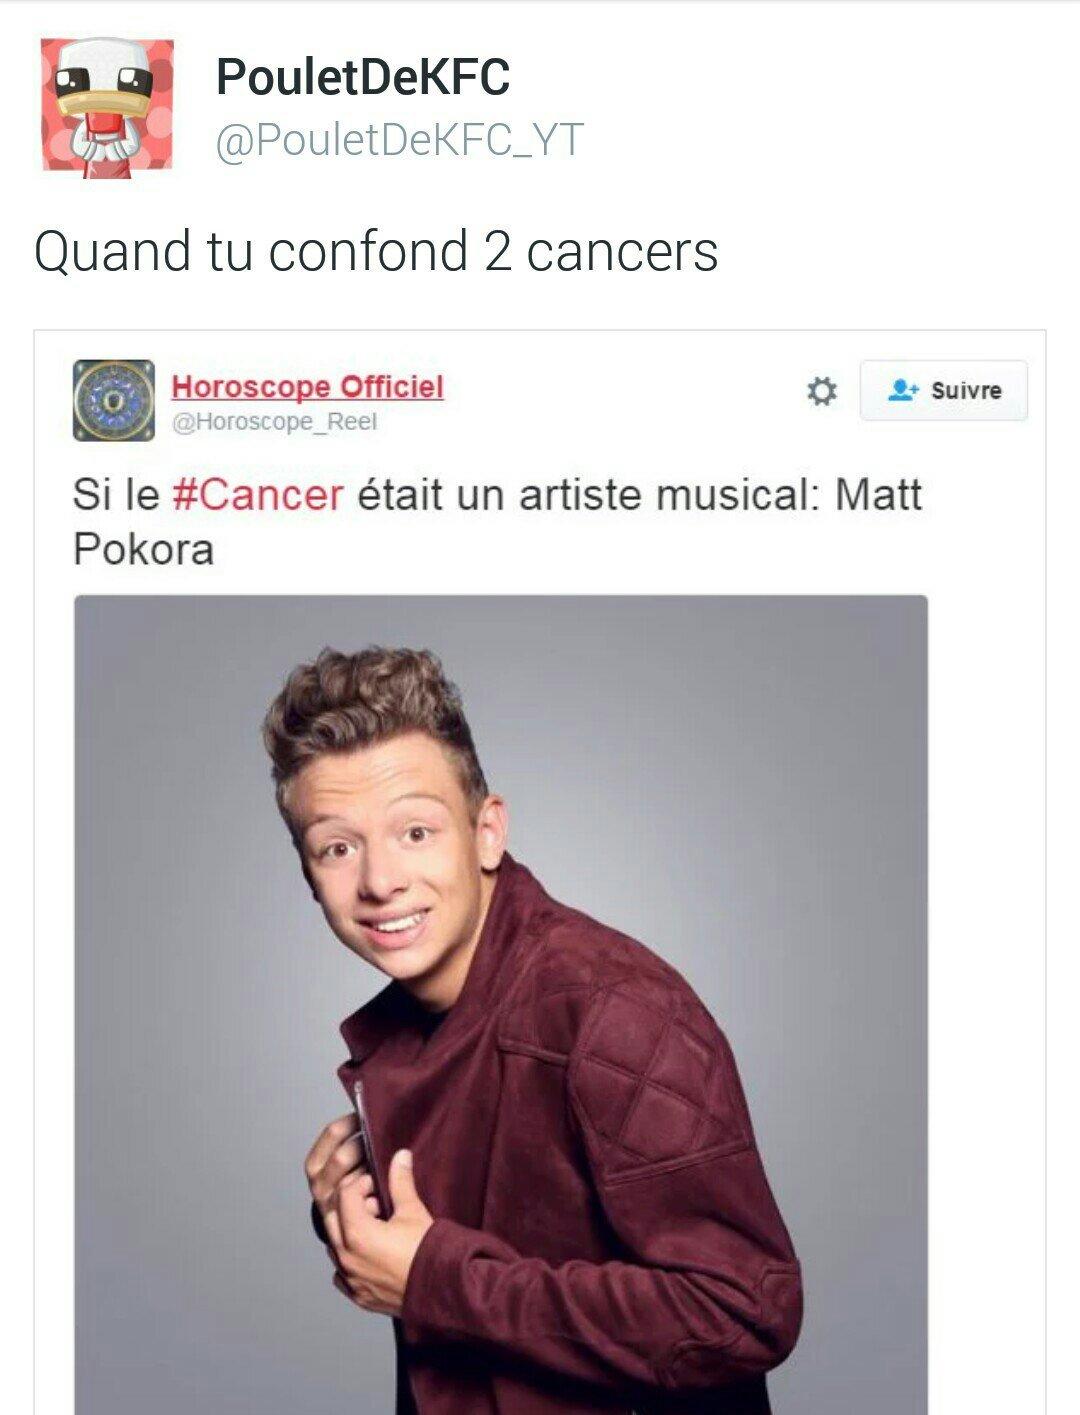 Le cancer ? C'est mortel \o/ - meme